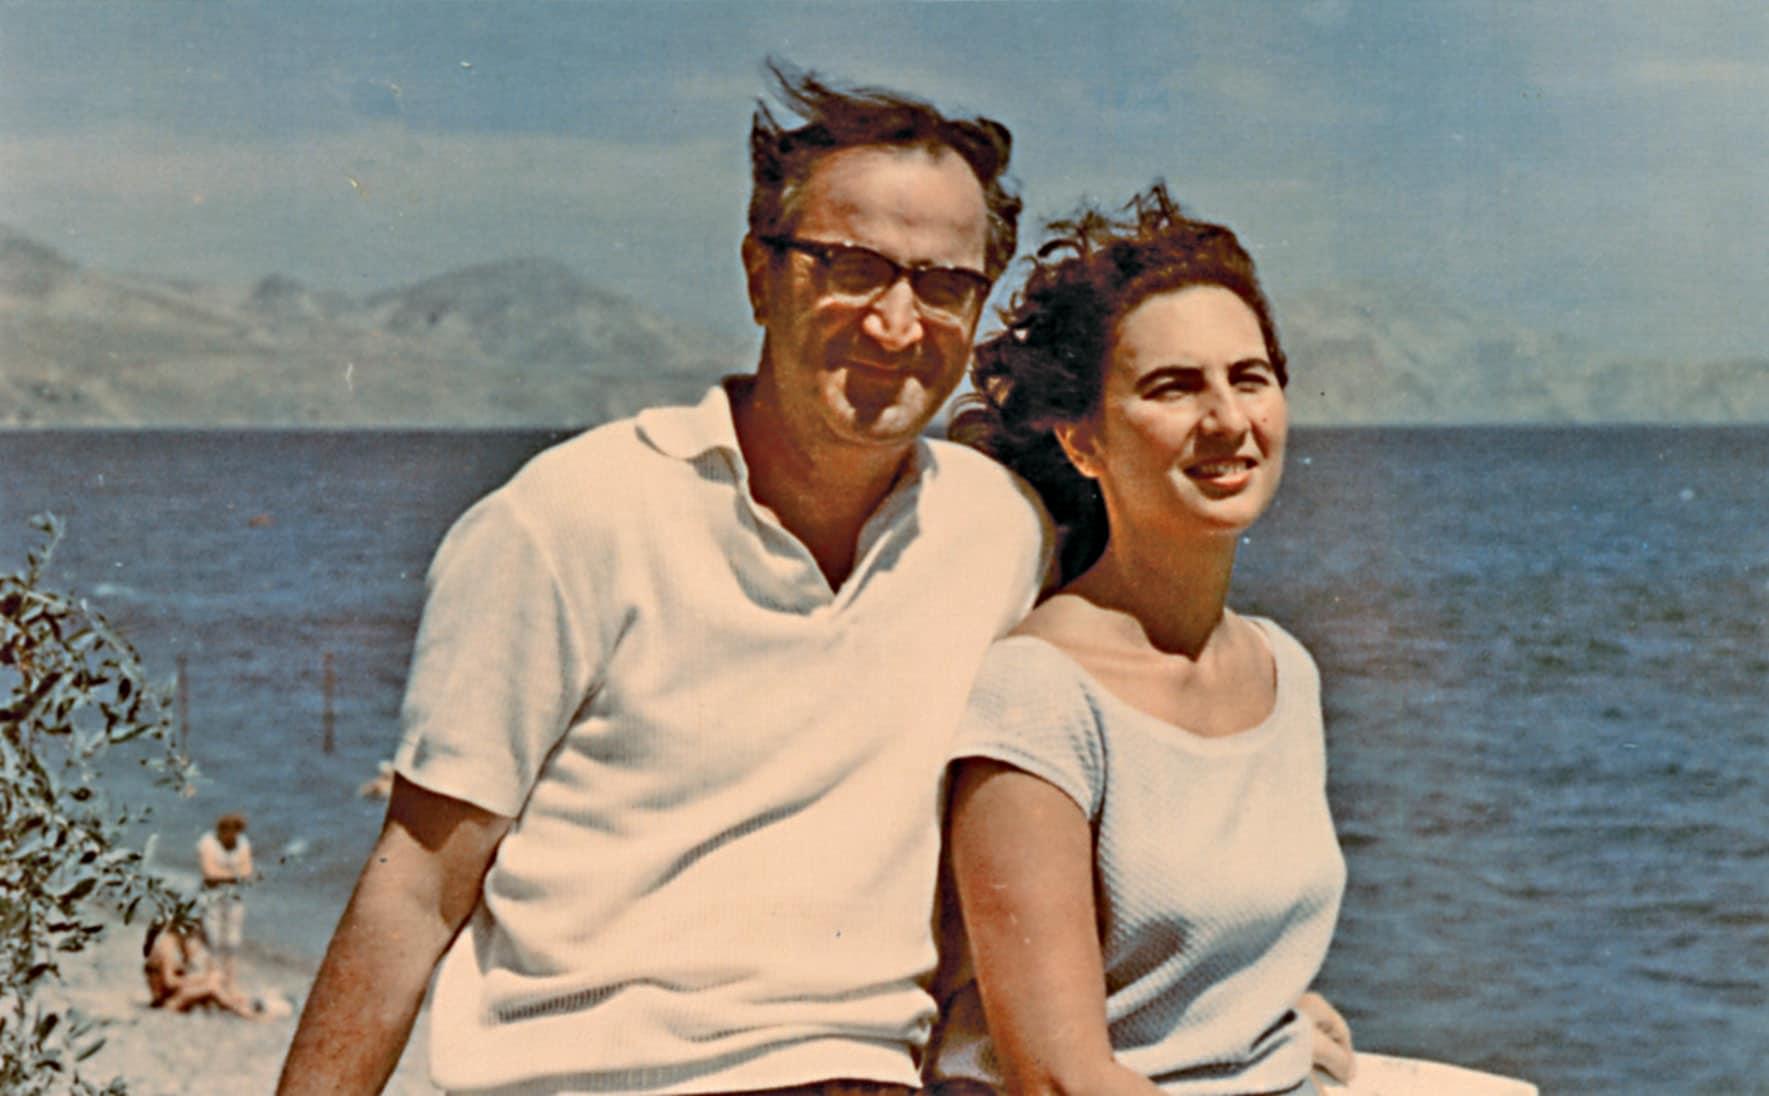 Άλκη Ζέη & Γιώργος Σεβαστίκογλου: Διαβάστε απόσπασμα από το βιβλίο Με μολύβι φάμπερ νούμερο δύο